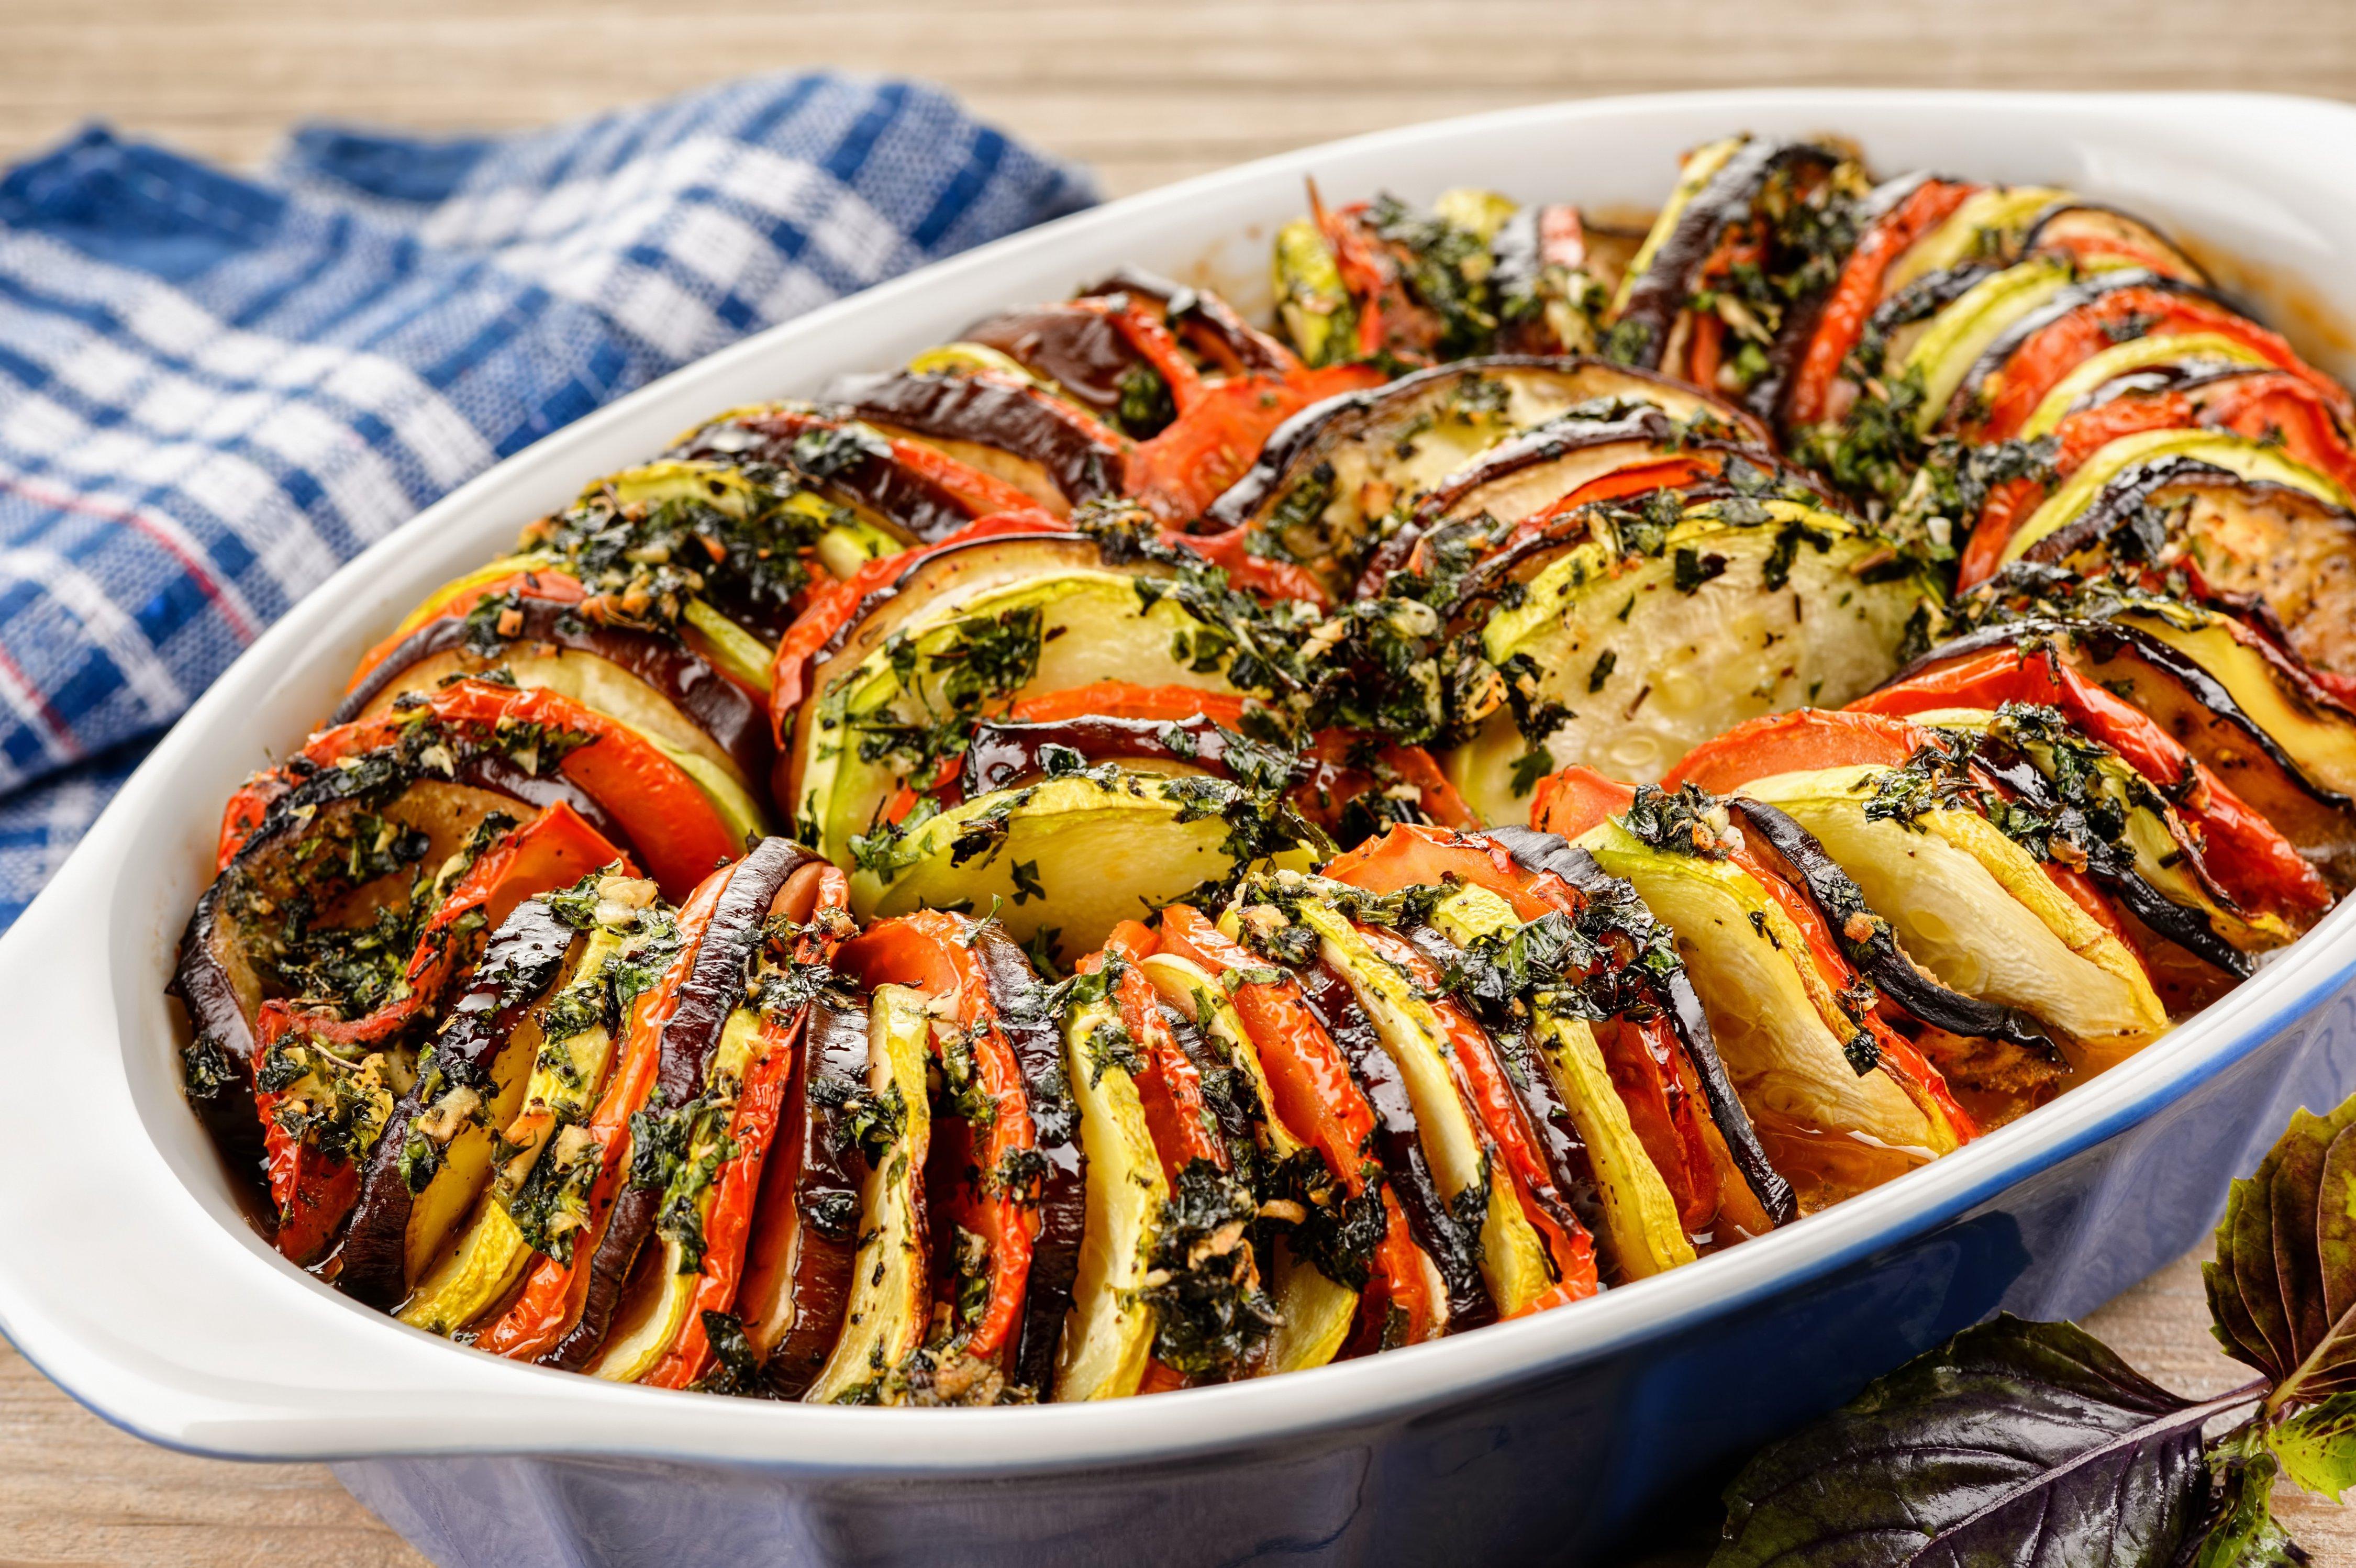 лучшие рецепты блюд с картинками кухня